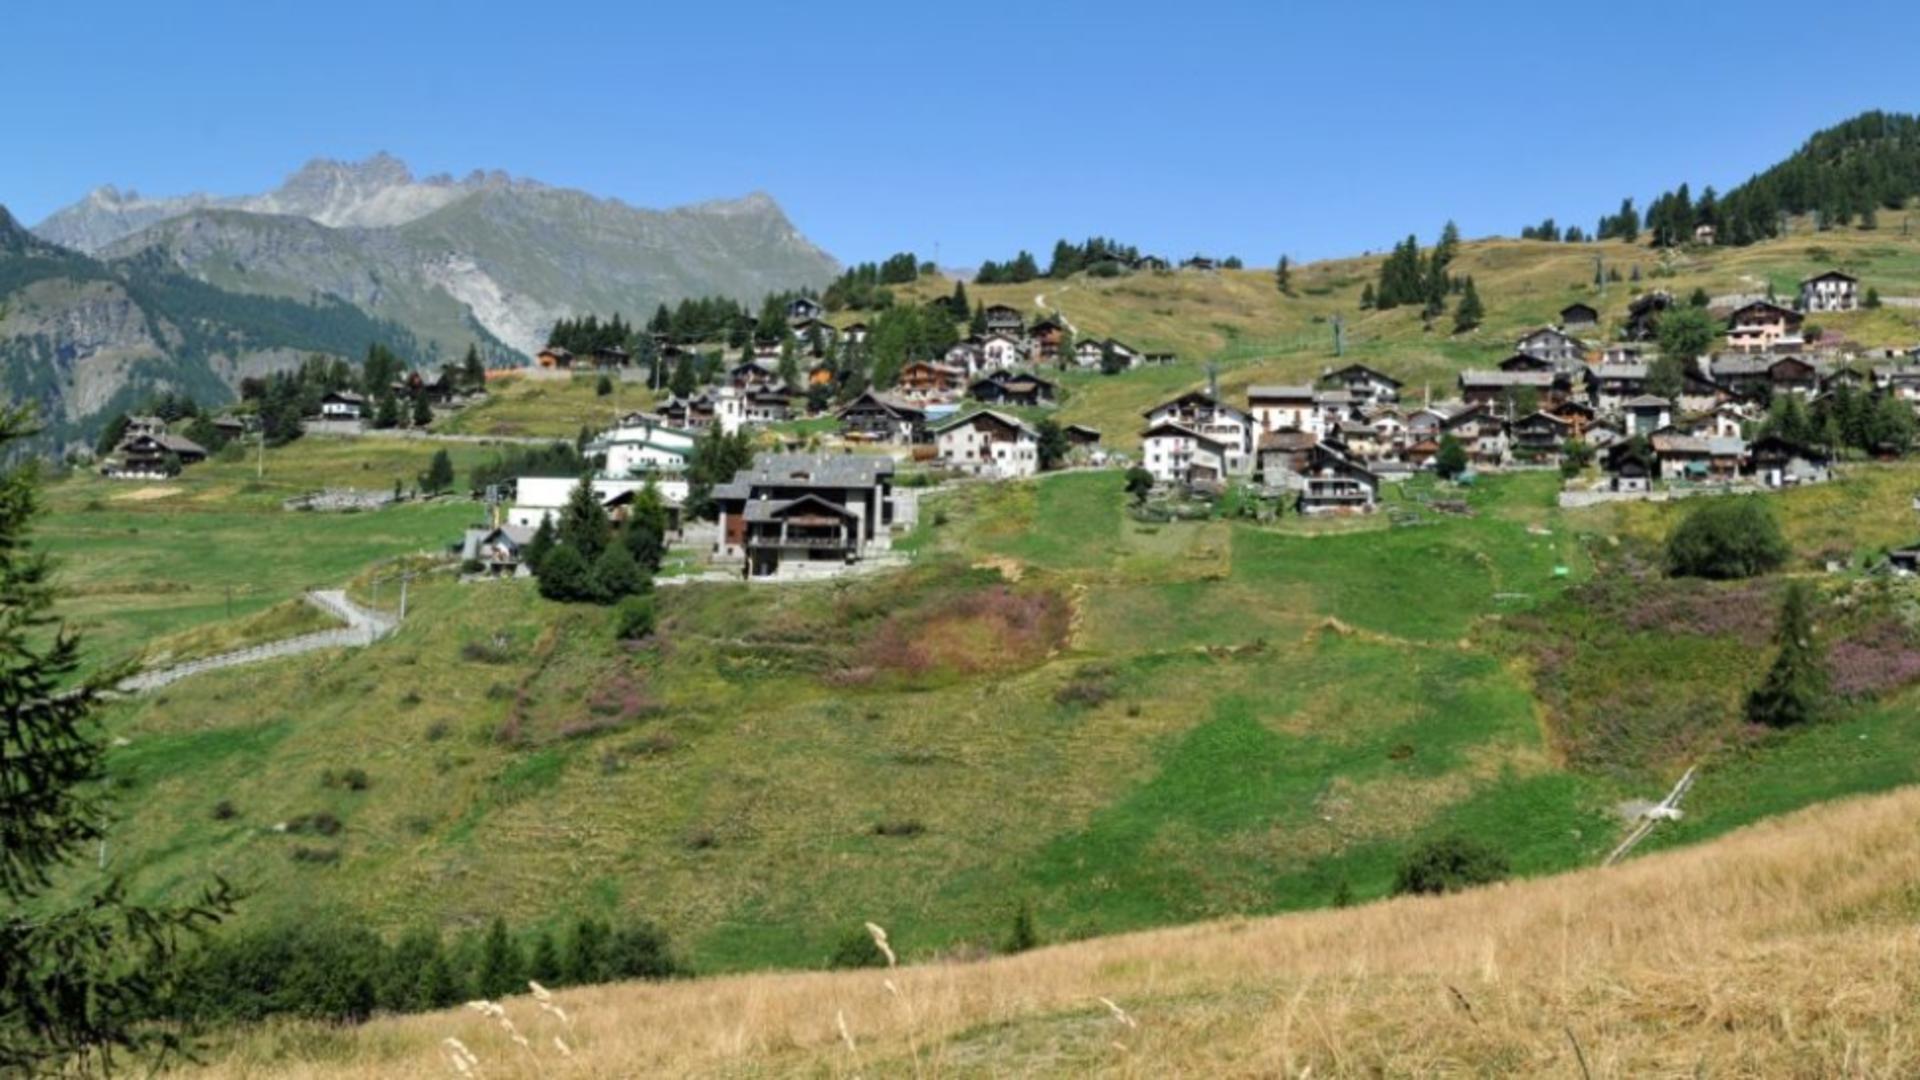 Așezare spectaculoasă în inima Munților Alpi